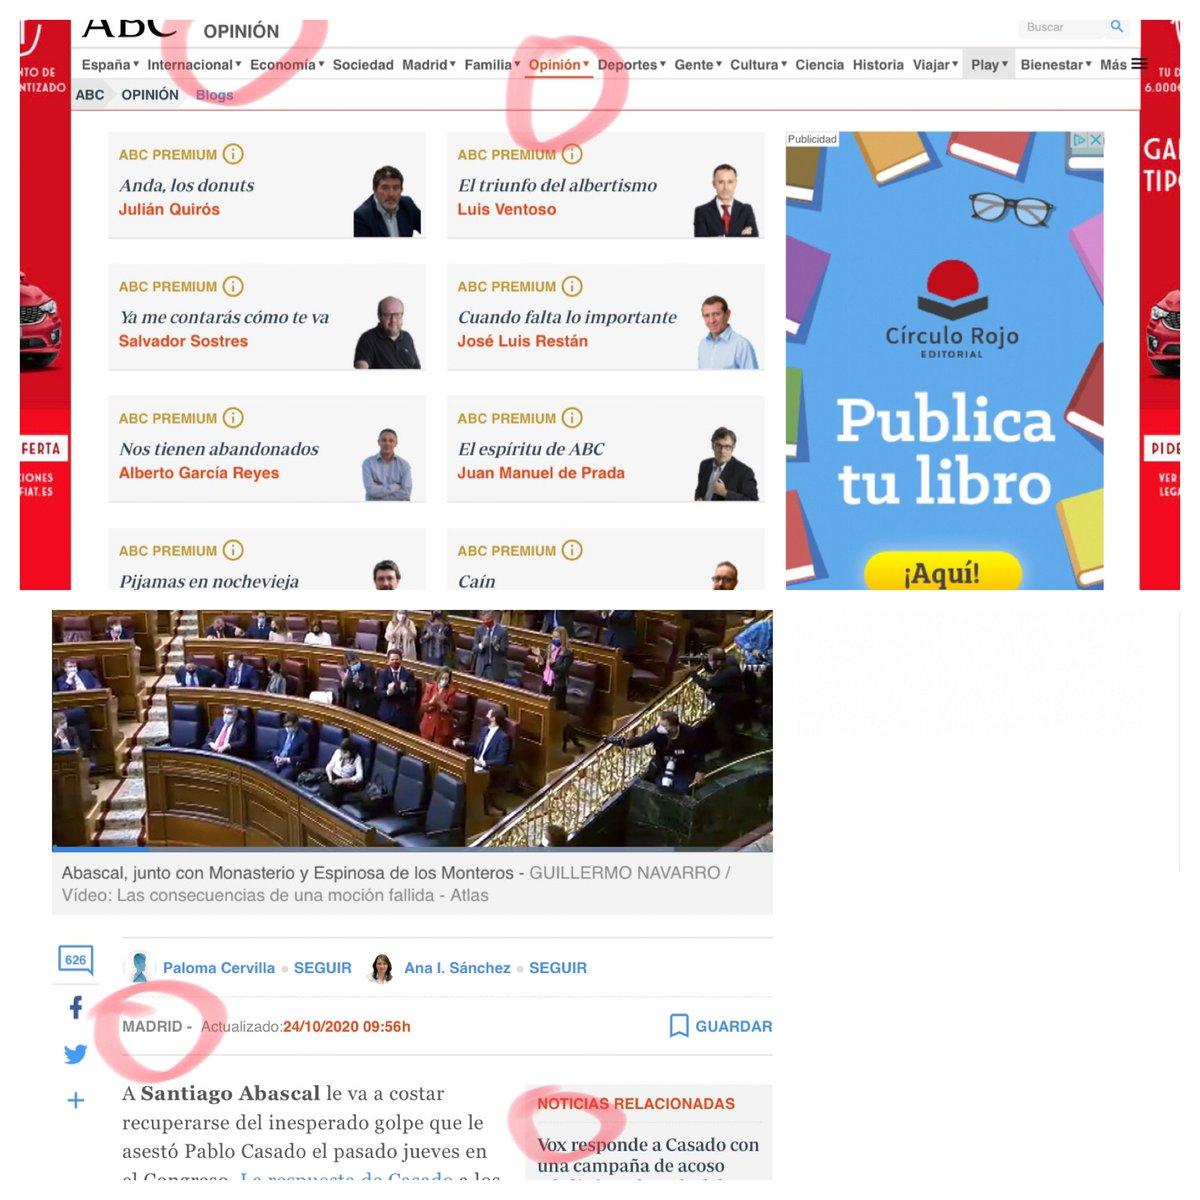 """@FrayJosepho @abc_es Lo que sucede con Girauta en """"opinión"""" y es totalmente compatible con lo dicho:dueños de Neguri tras la salida de los Luca de Tena. Y con que @PalomaCervilla haya consultado una ouija de esas para su """"noticia"""", en presunta seccion """"noticias"""" o de información. Que escriba tribuna. https://t.co/loaNYqXtS4"""